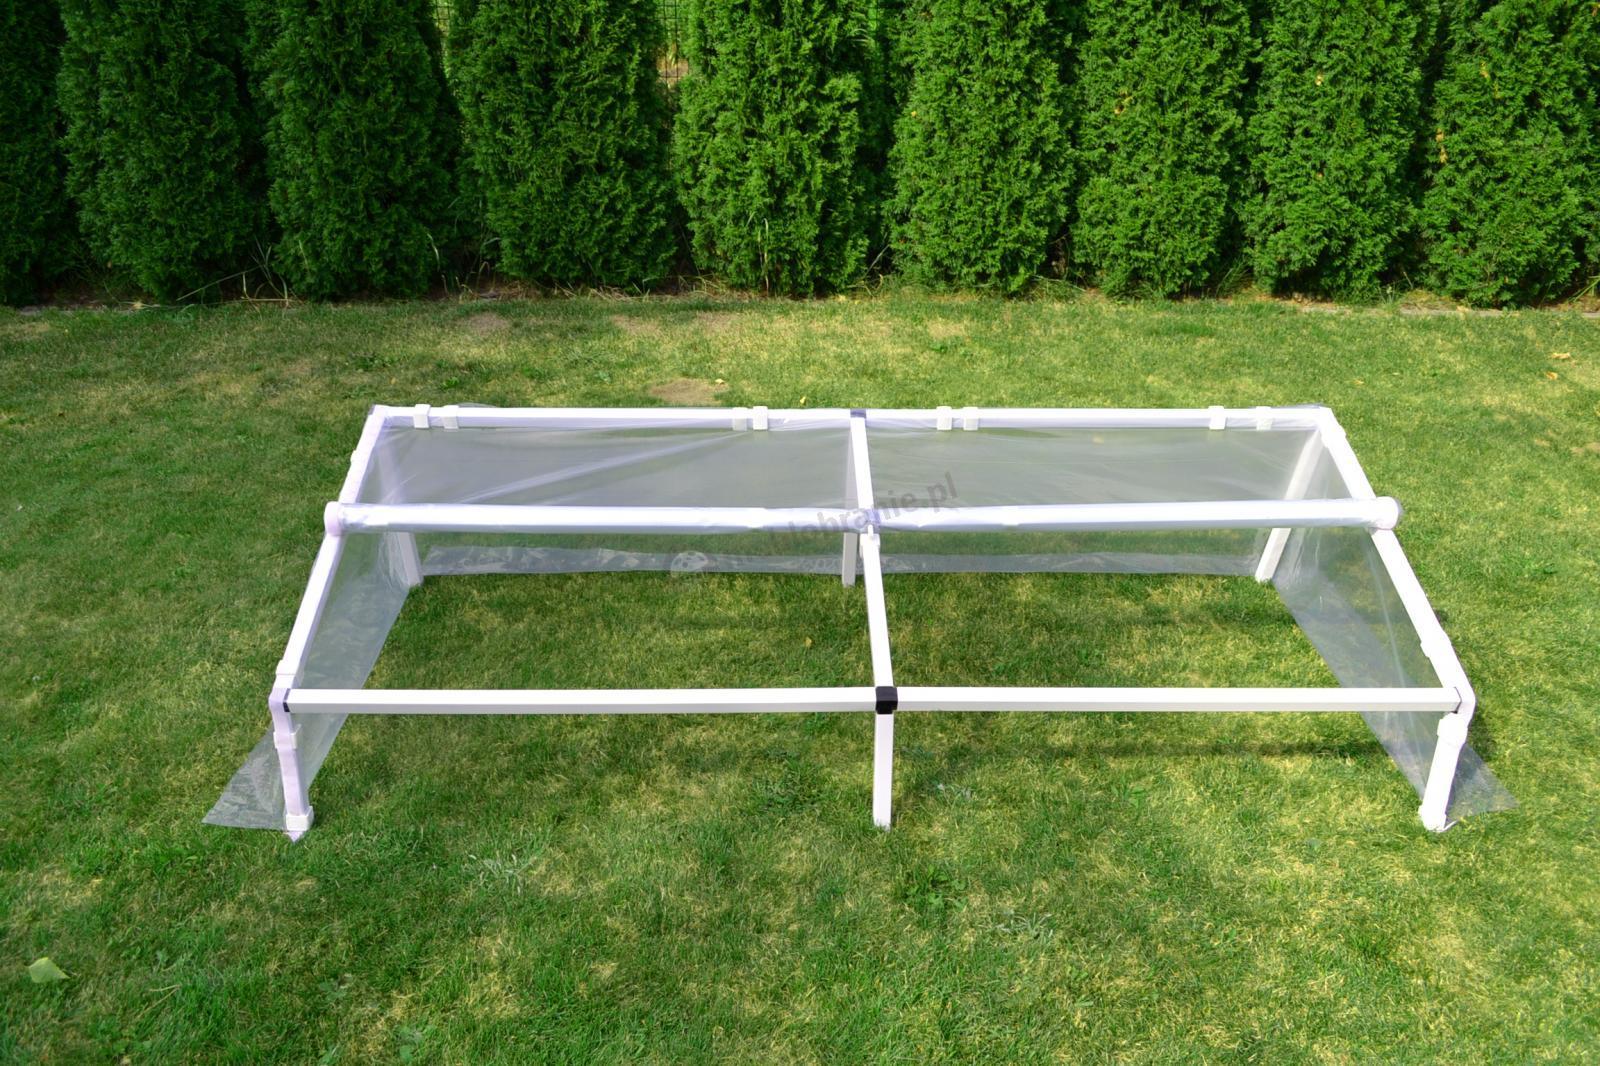 Rozsadnik – szklarnia inspekt 1x1 m - stabilna konstrukcja